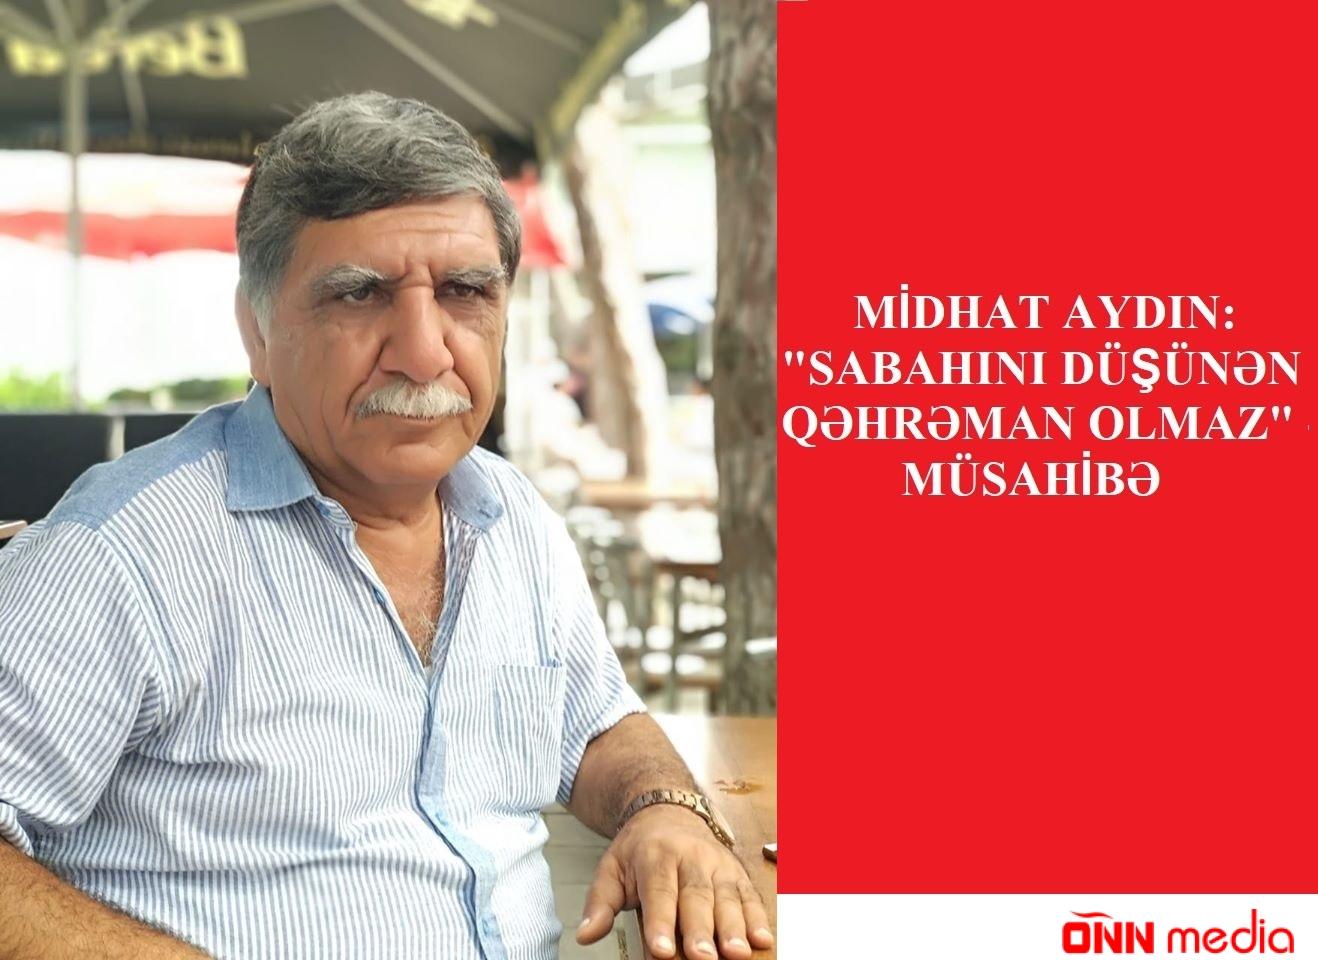 """Midhat Aydın: """"Sabahını düşünən qəhraman olmaz"""" – MÜSAHİBƏ"""